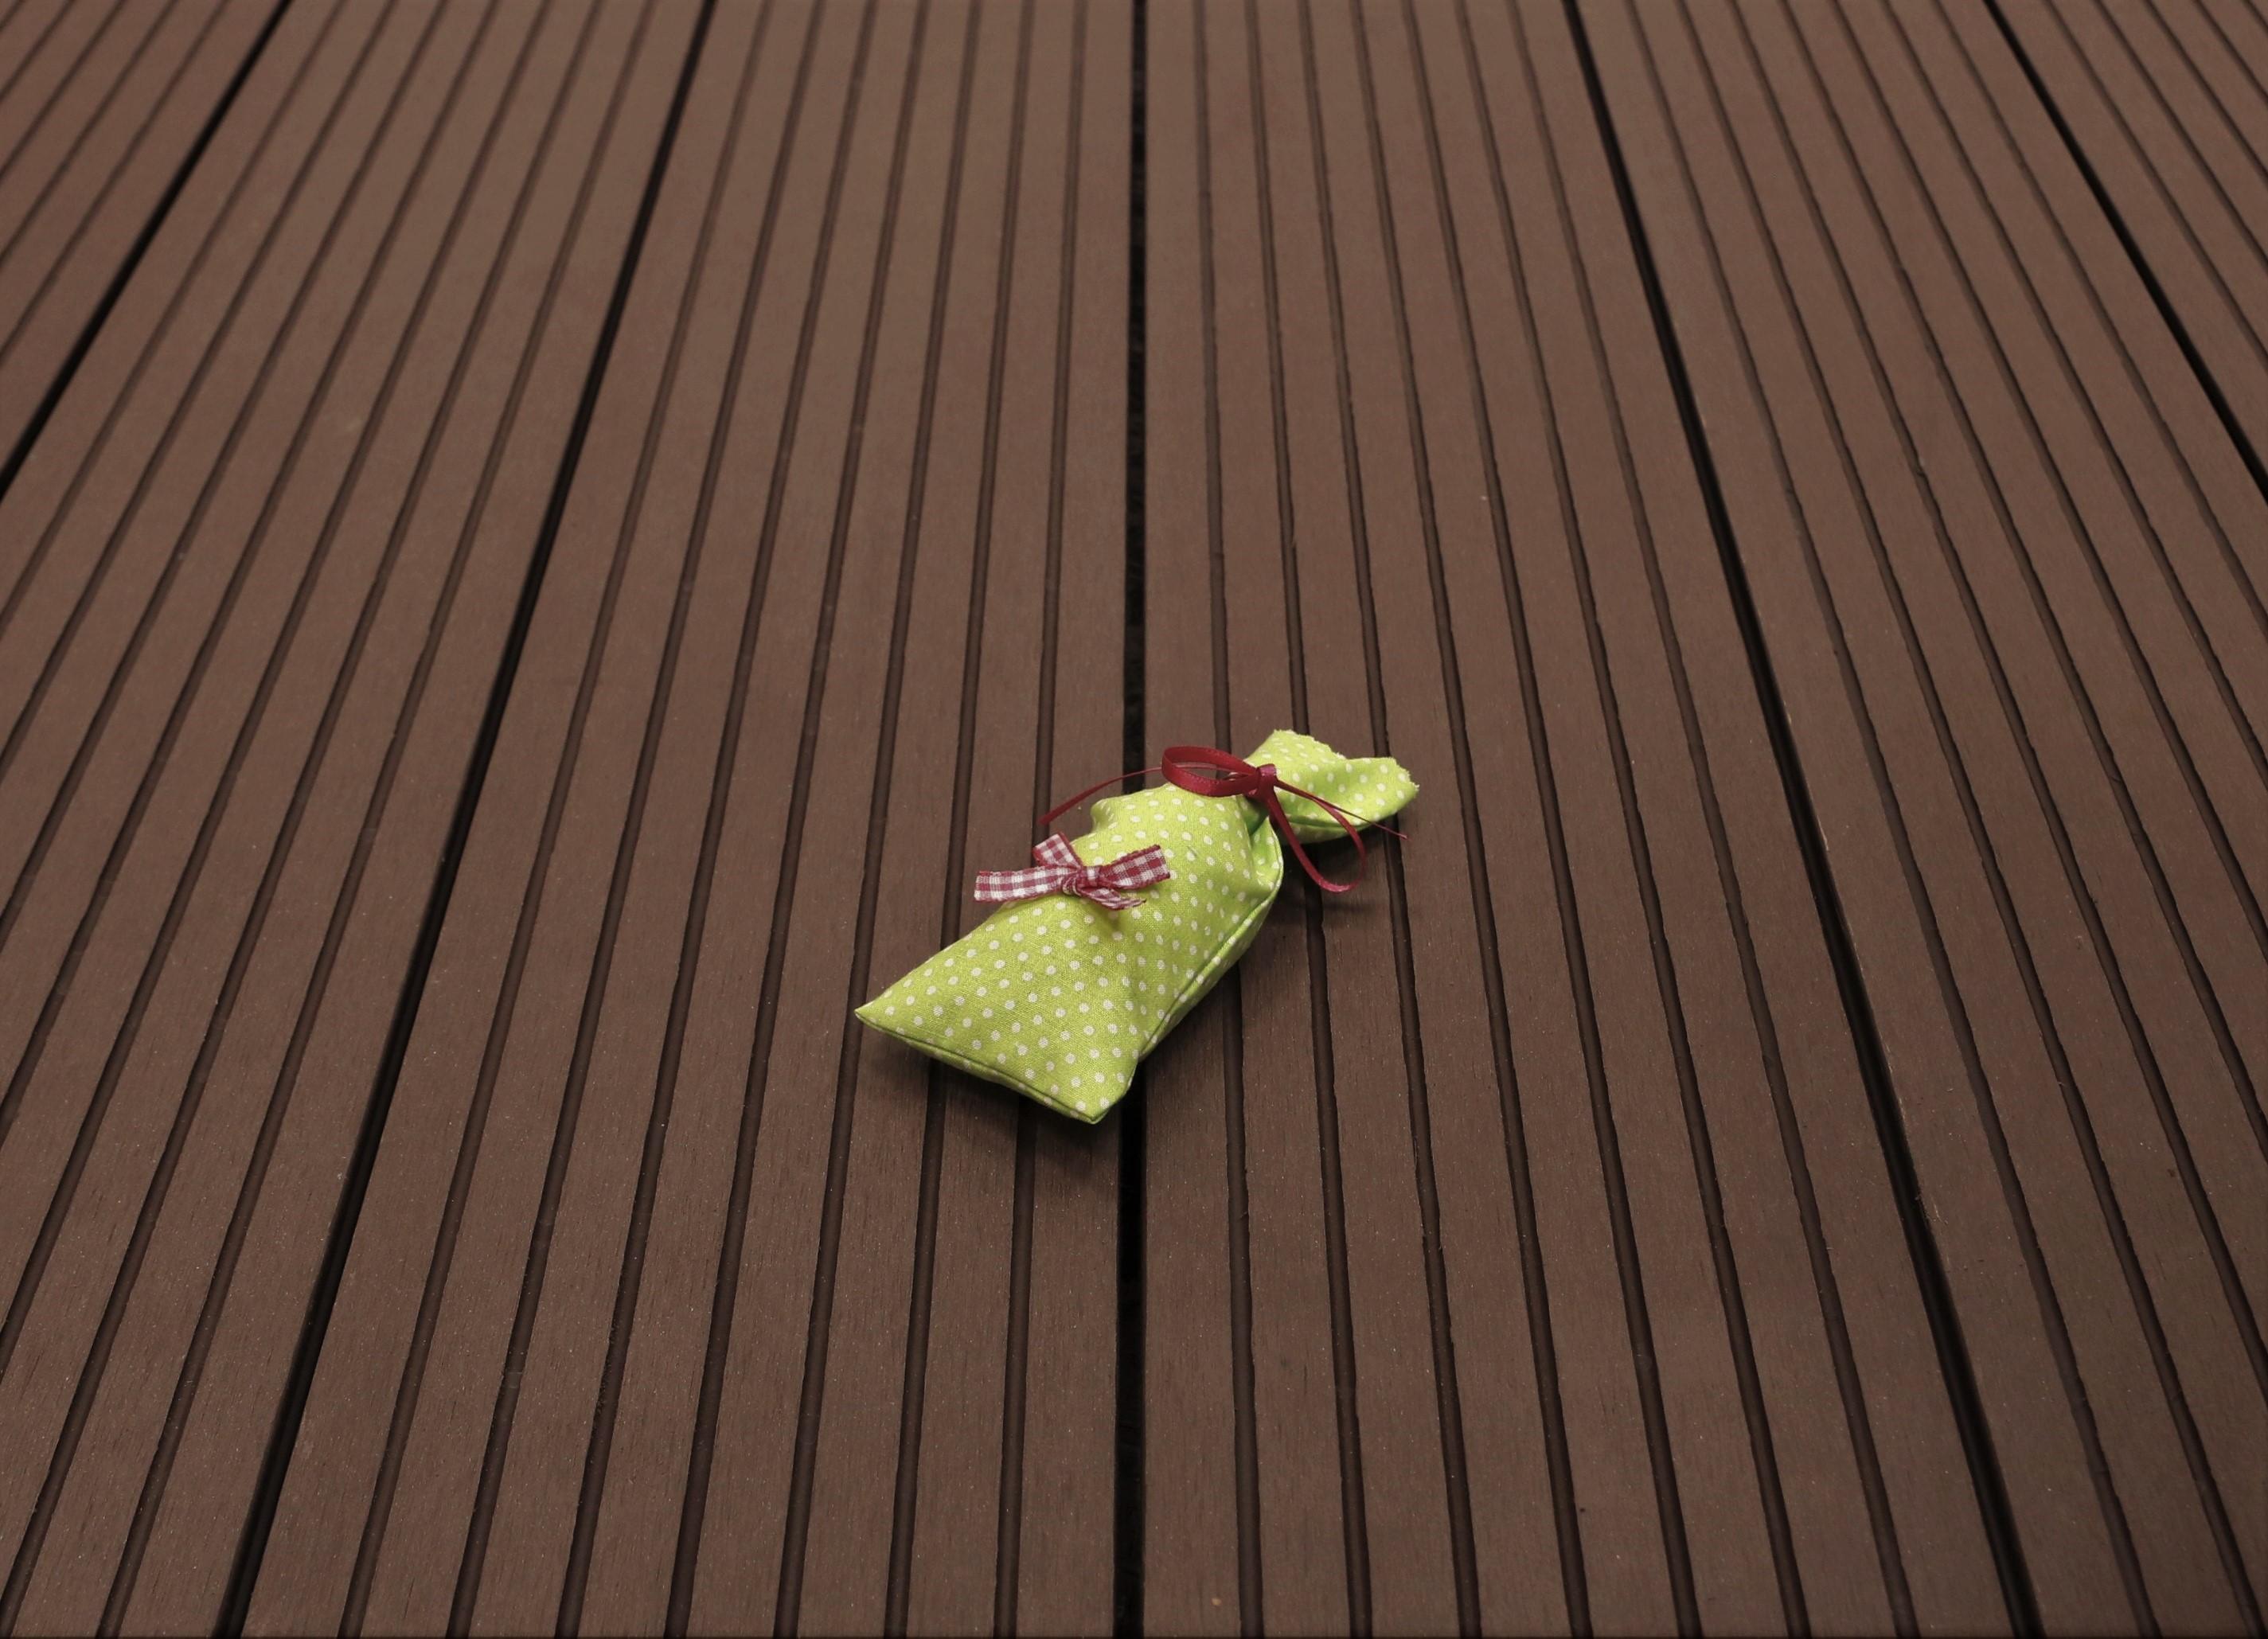 WPC Terrassendielen massiv, Oberfläche grob genutet, Farbton dunkelbraun, 22 x 143 bis 4800 mm für 7,90 €/lfm